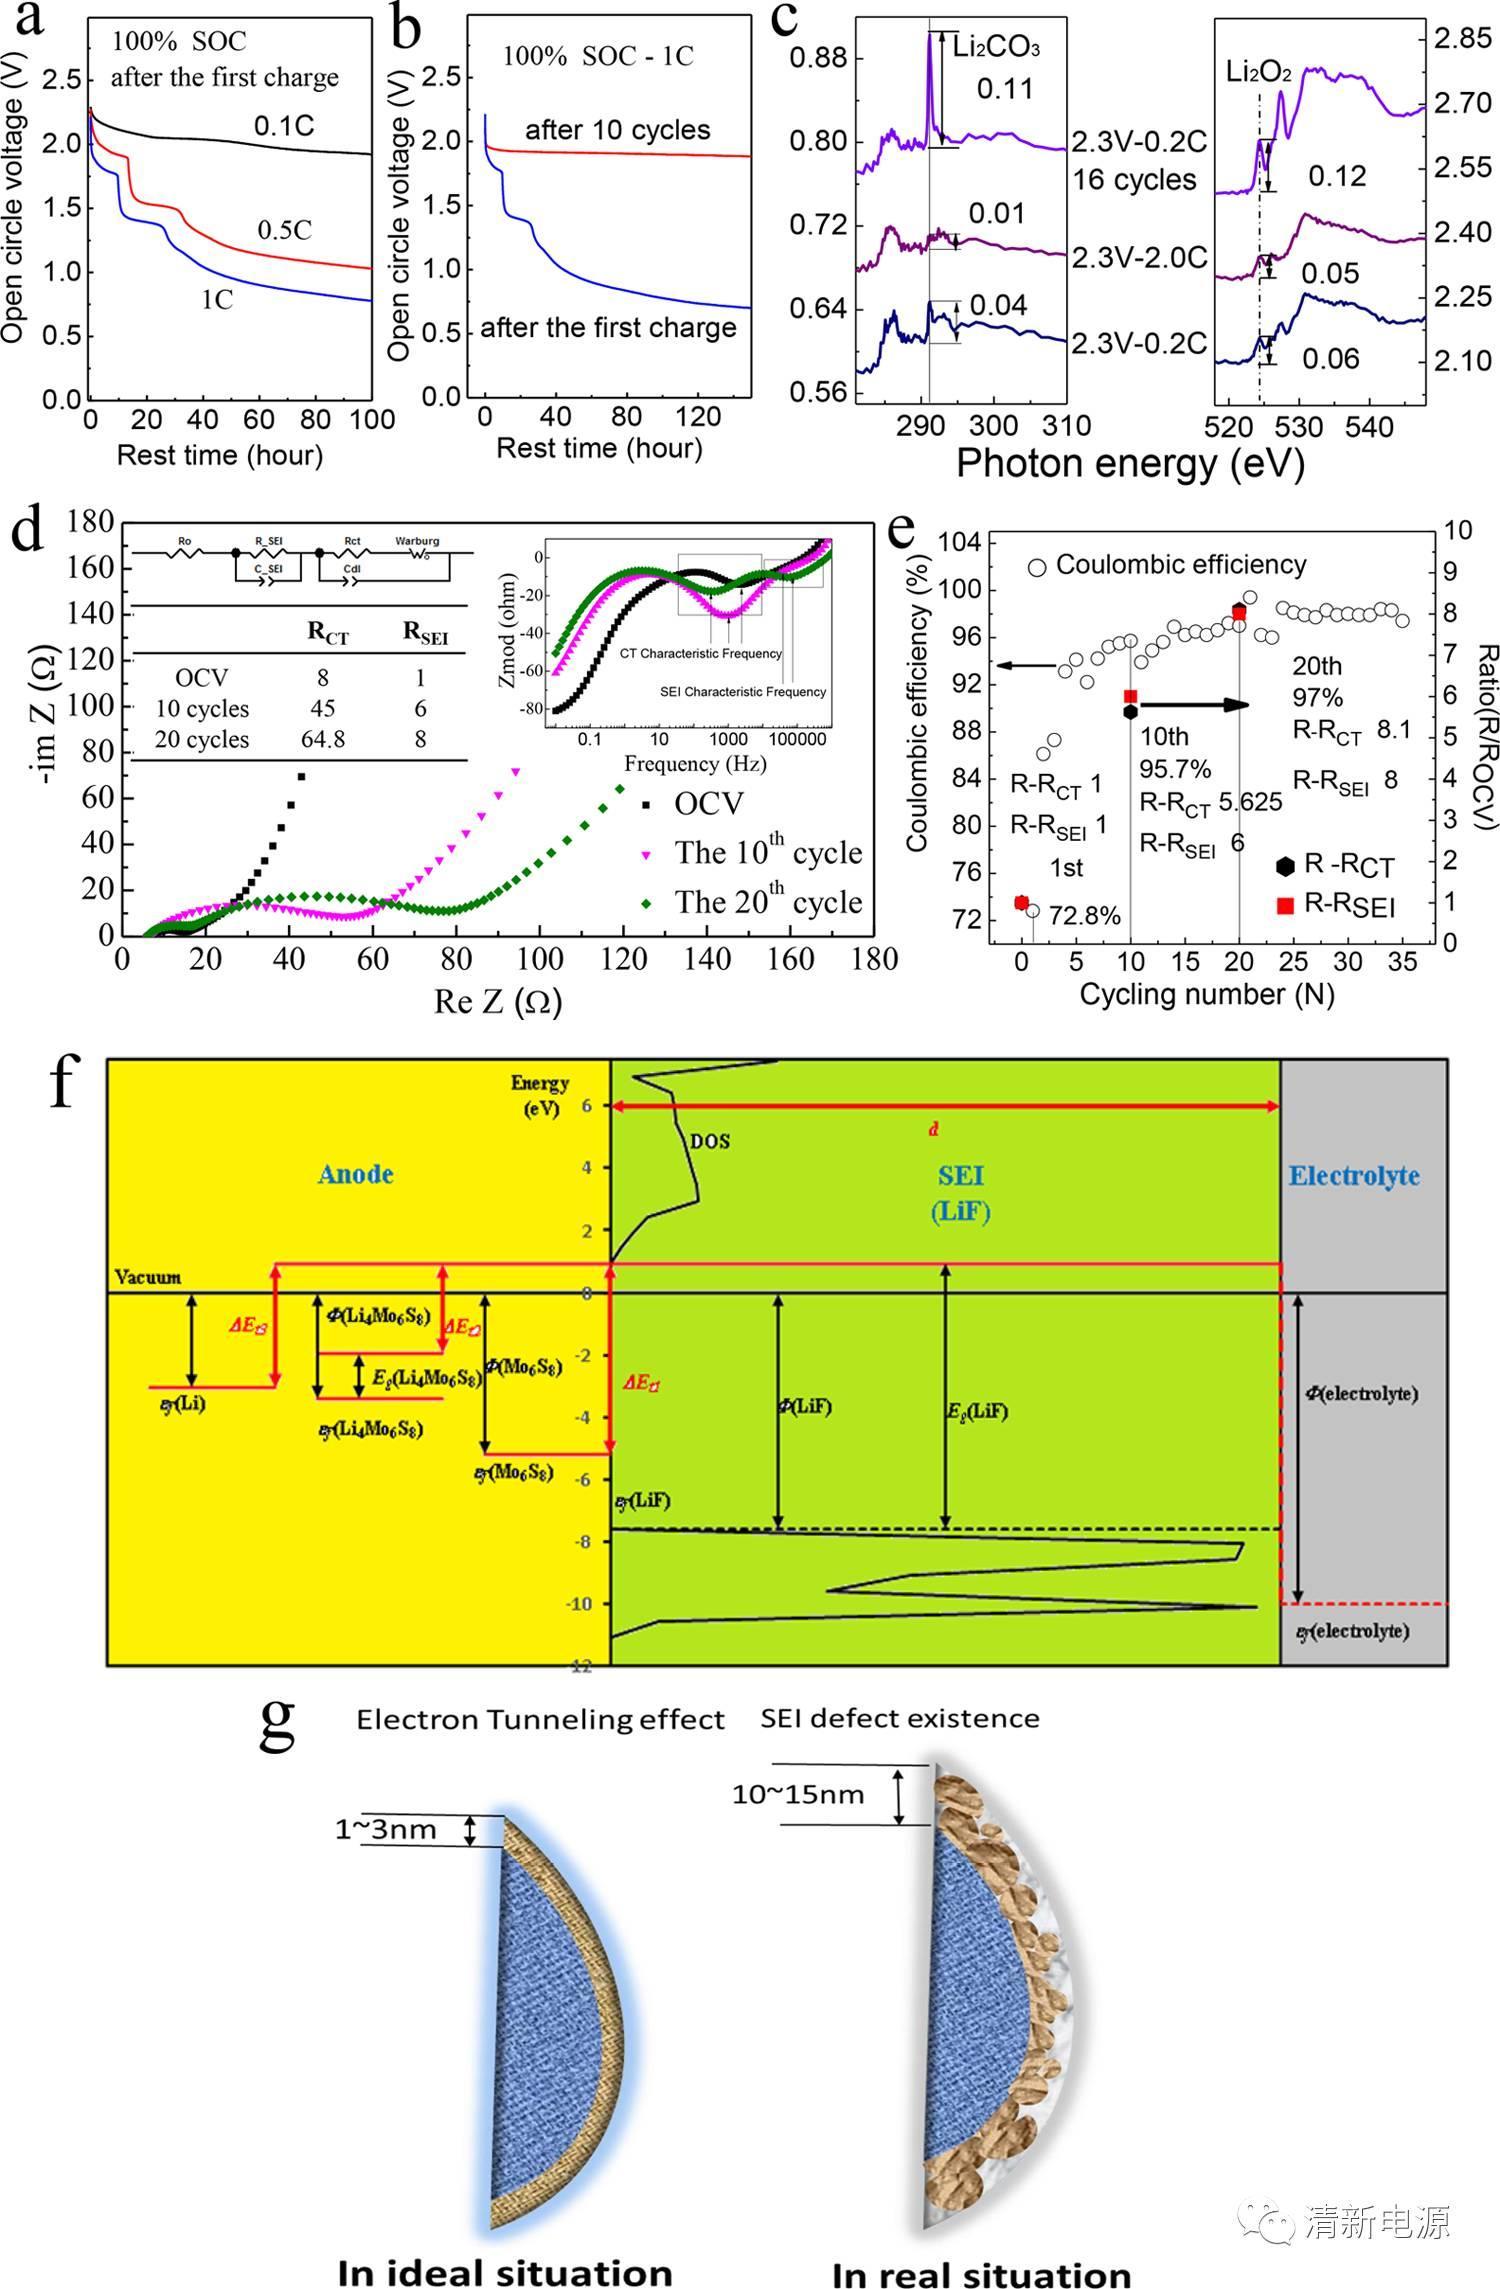 颠覆认知:水系锂离子电池竟然也能有稳定的SEI膜?最新JACS带你一探究竟!